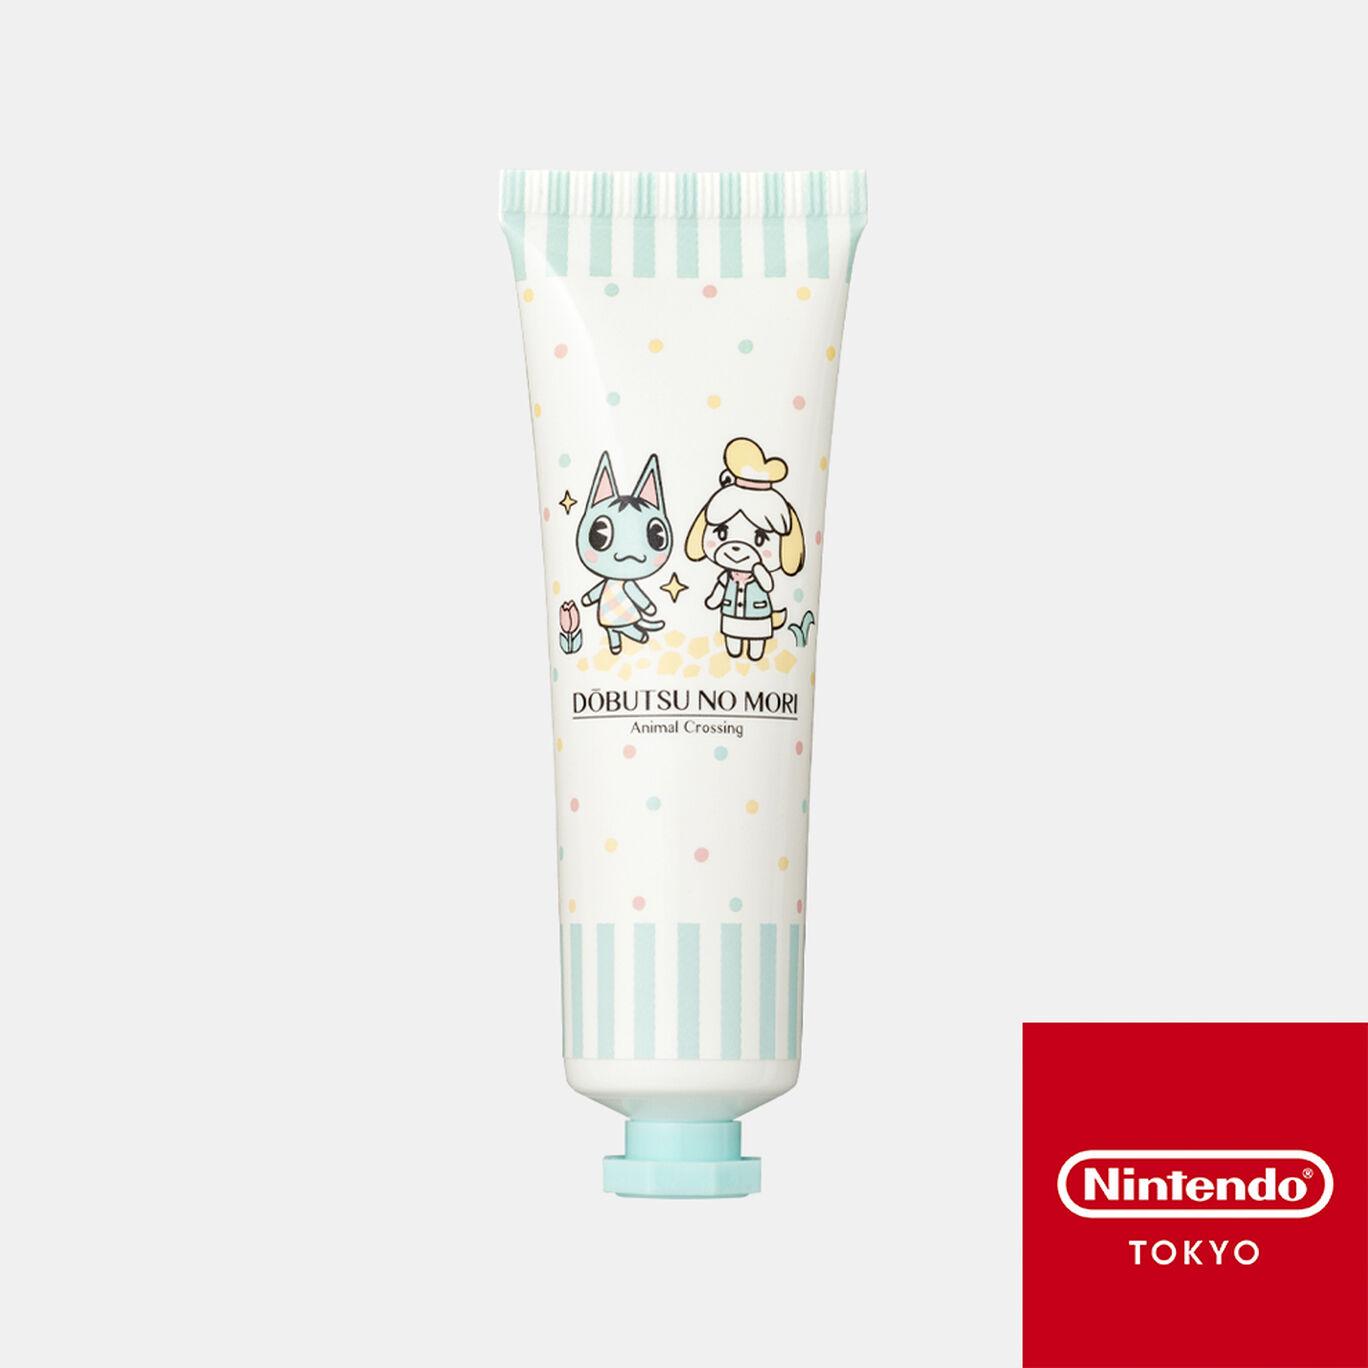 ハンドクリーム どうぶつの森【Nintendo TOKYO取り扱い商品】